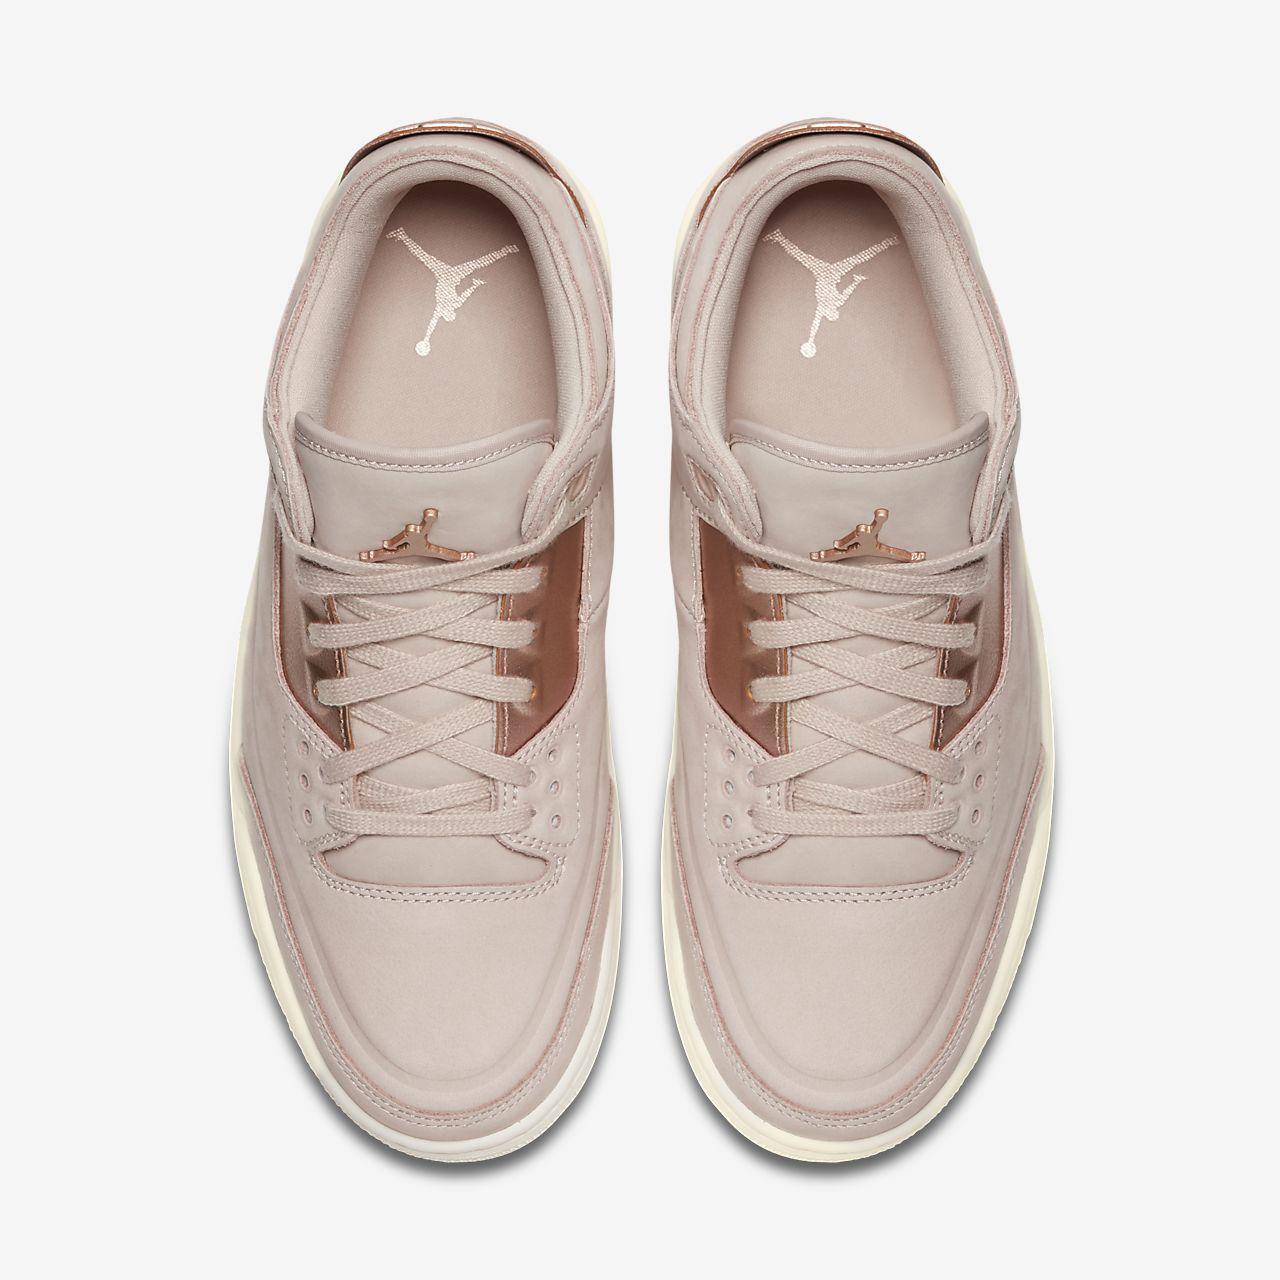 f4a47b870b9e Air Jordan 3 Retro SE Women s Shoe. Nike.com SG